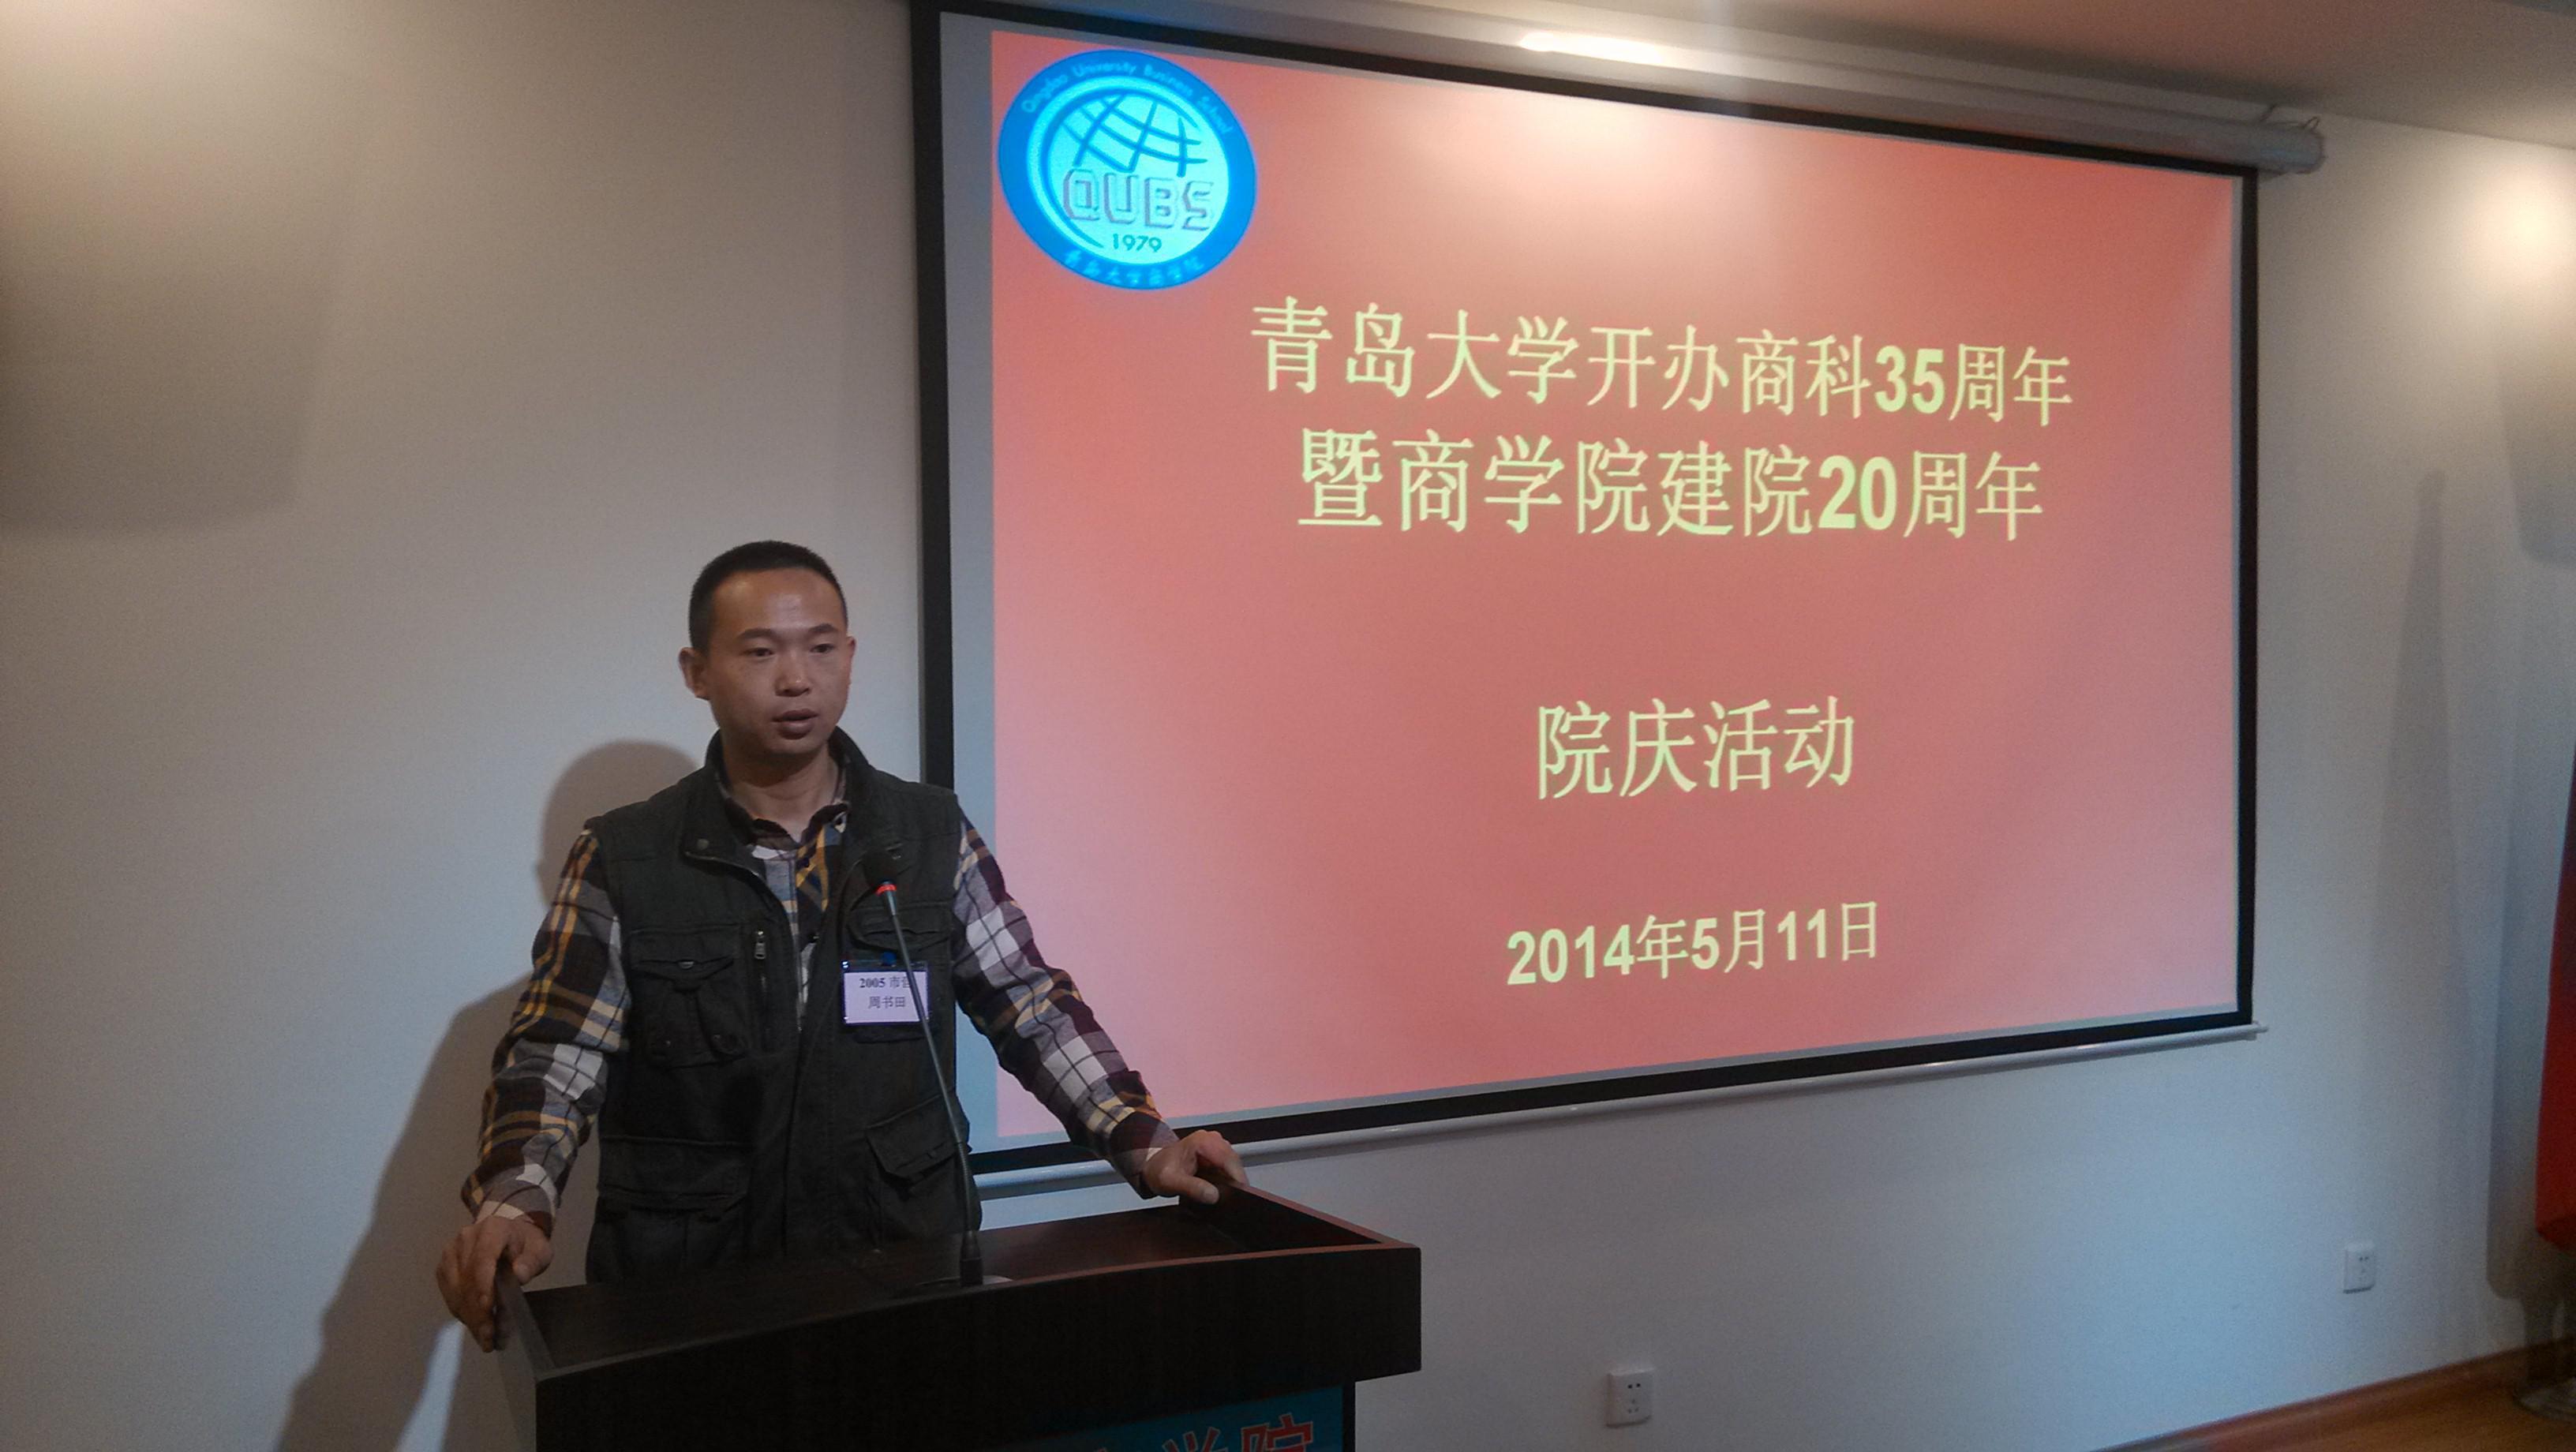 我公司董事长应邀出席青岛大学商学院建院20周年